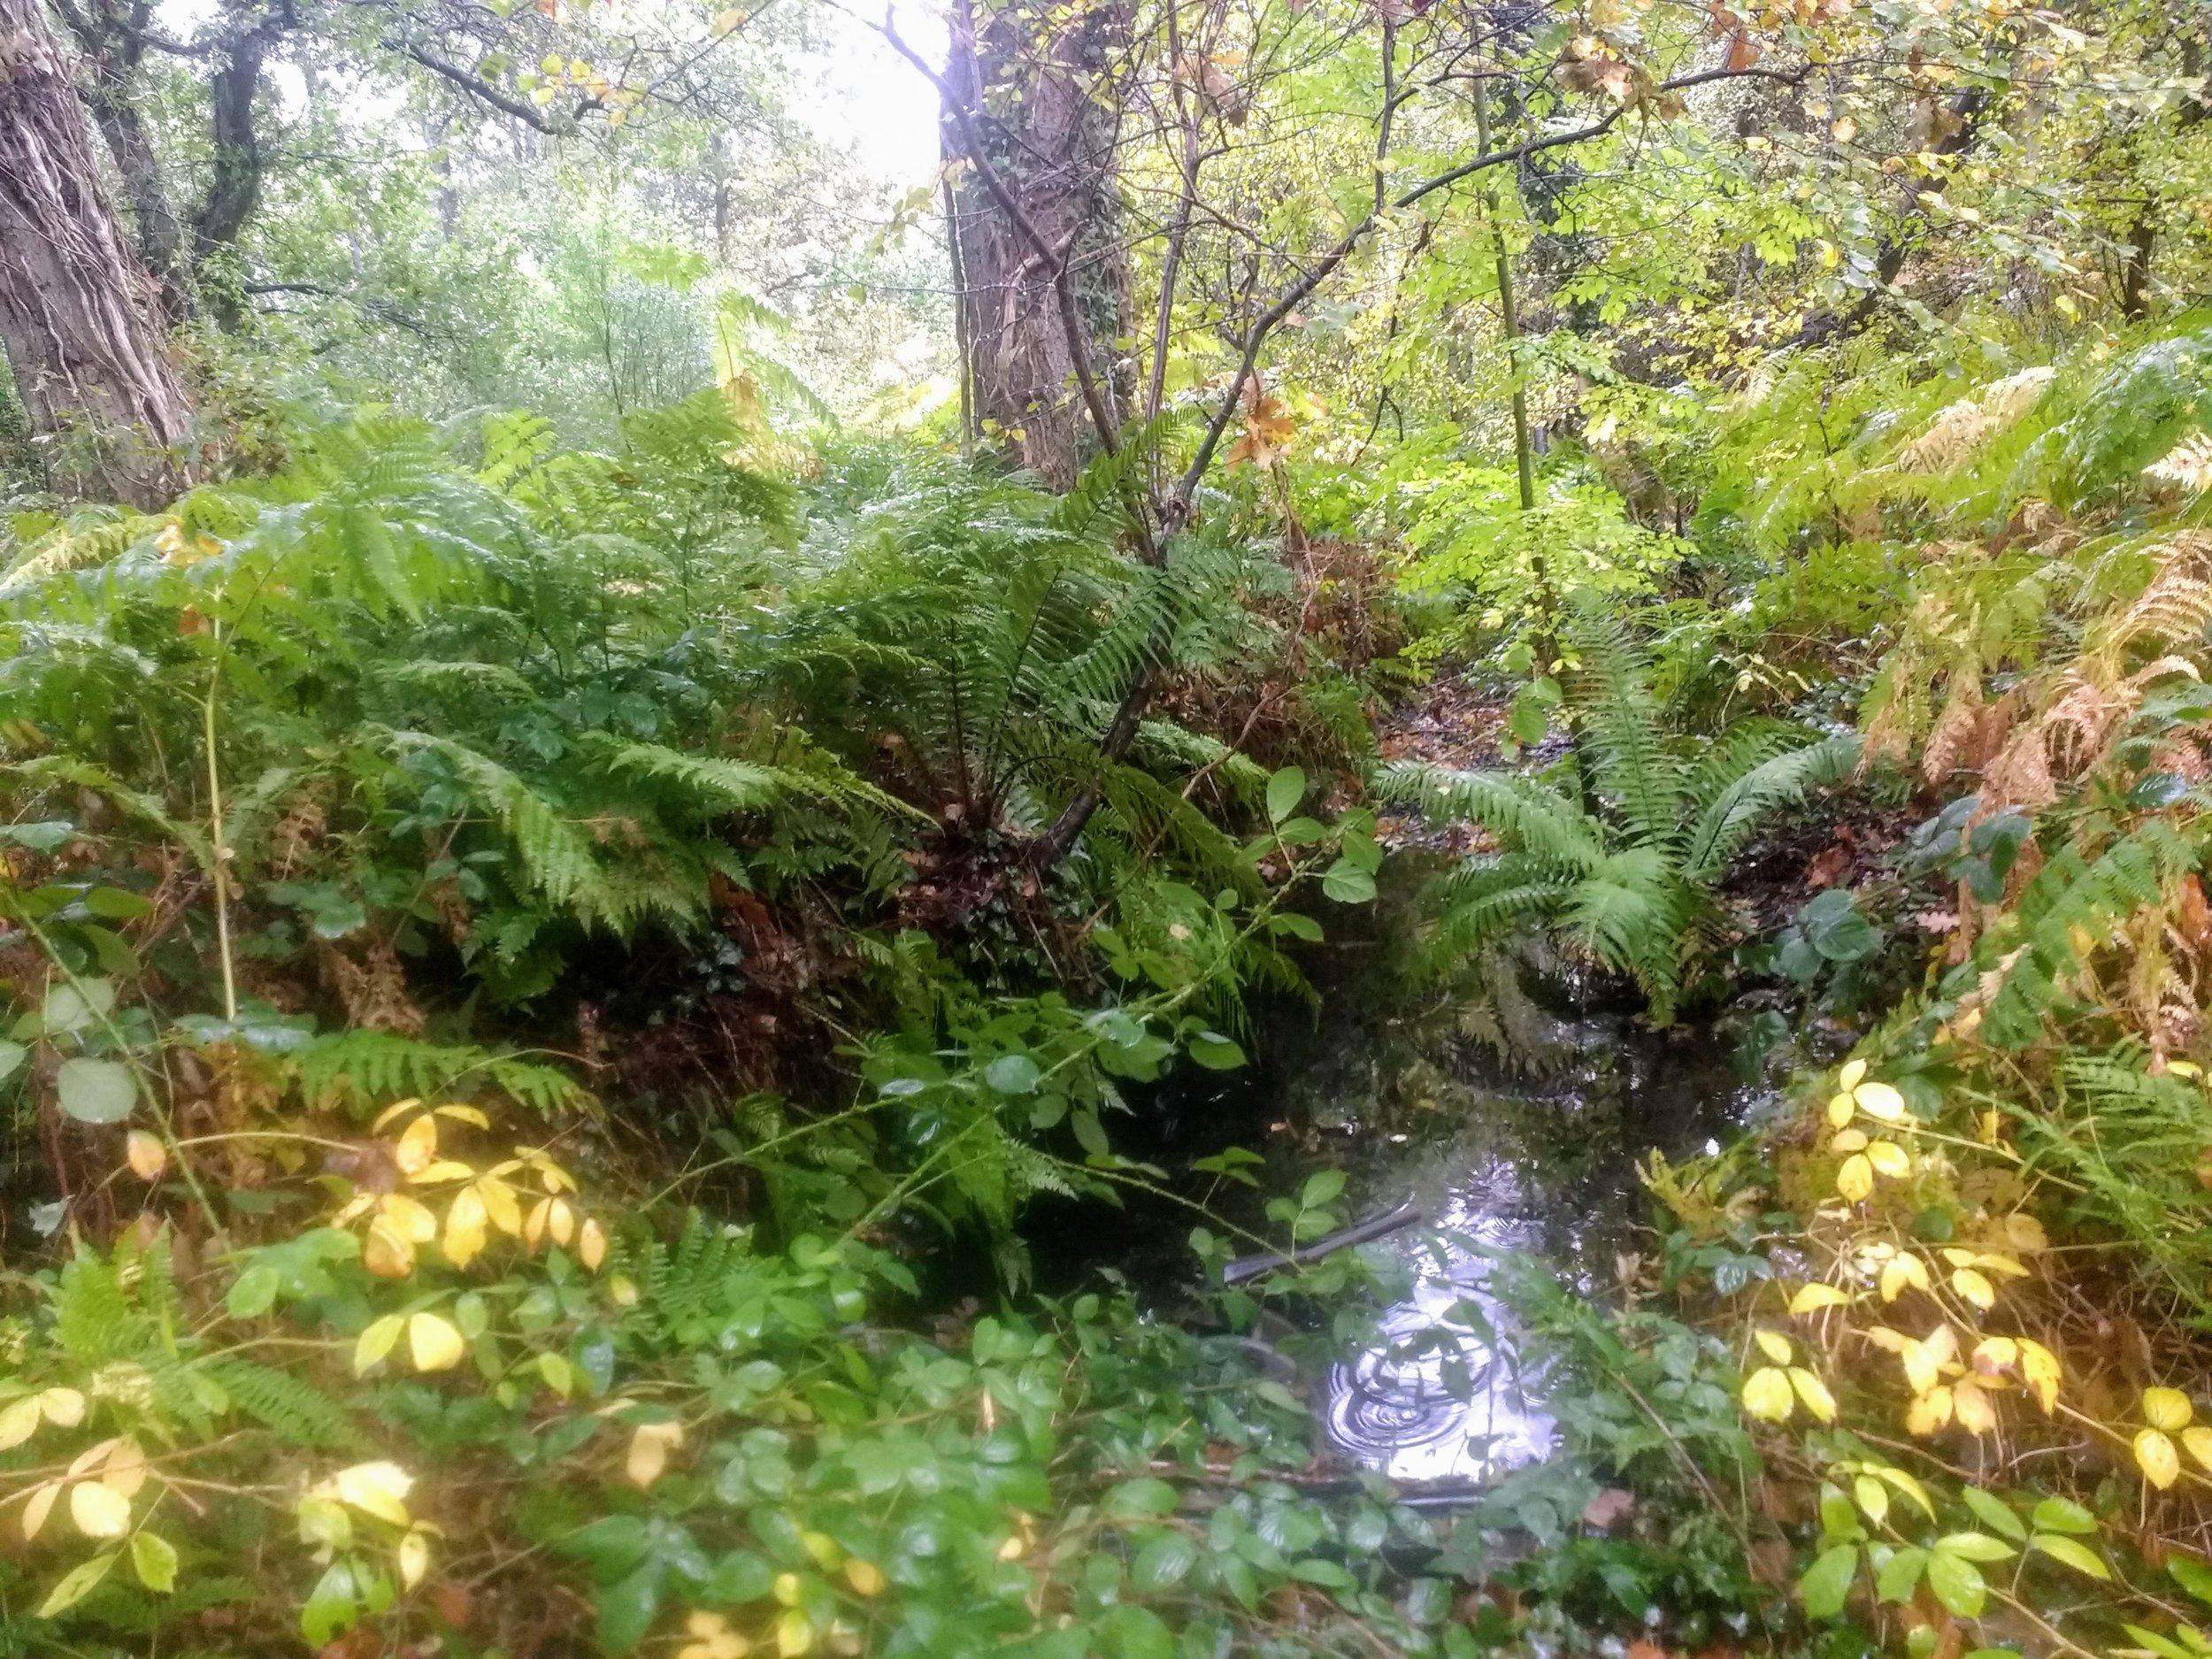 Somerset swamp